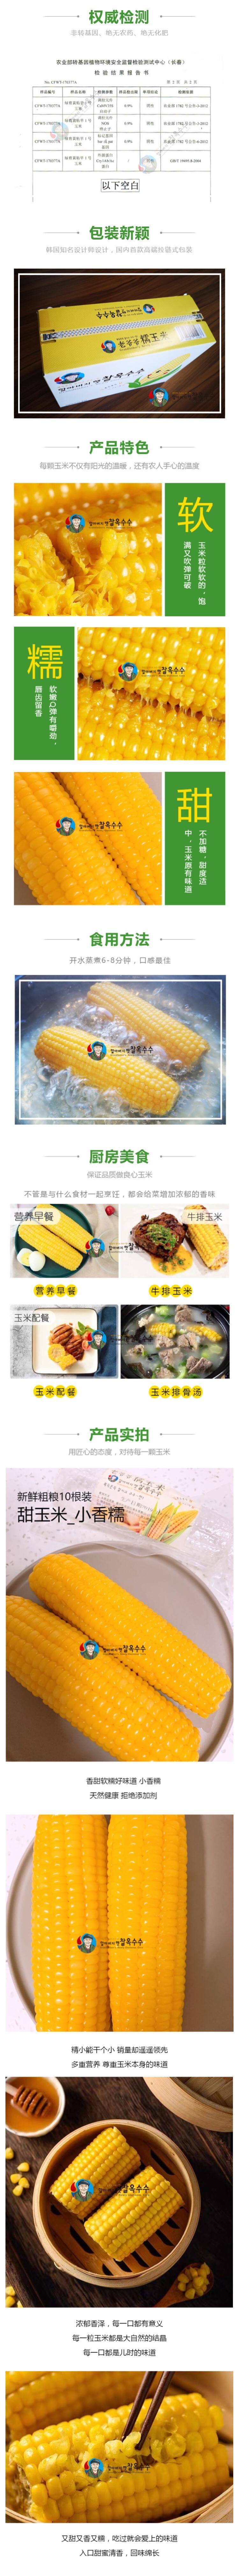 玉米详情图2.jpg